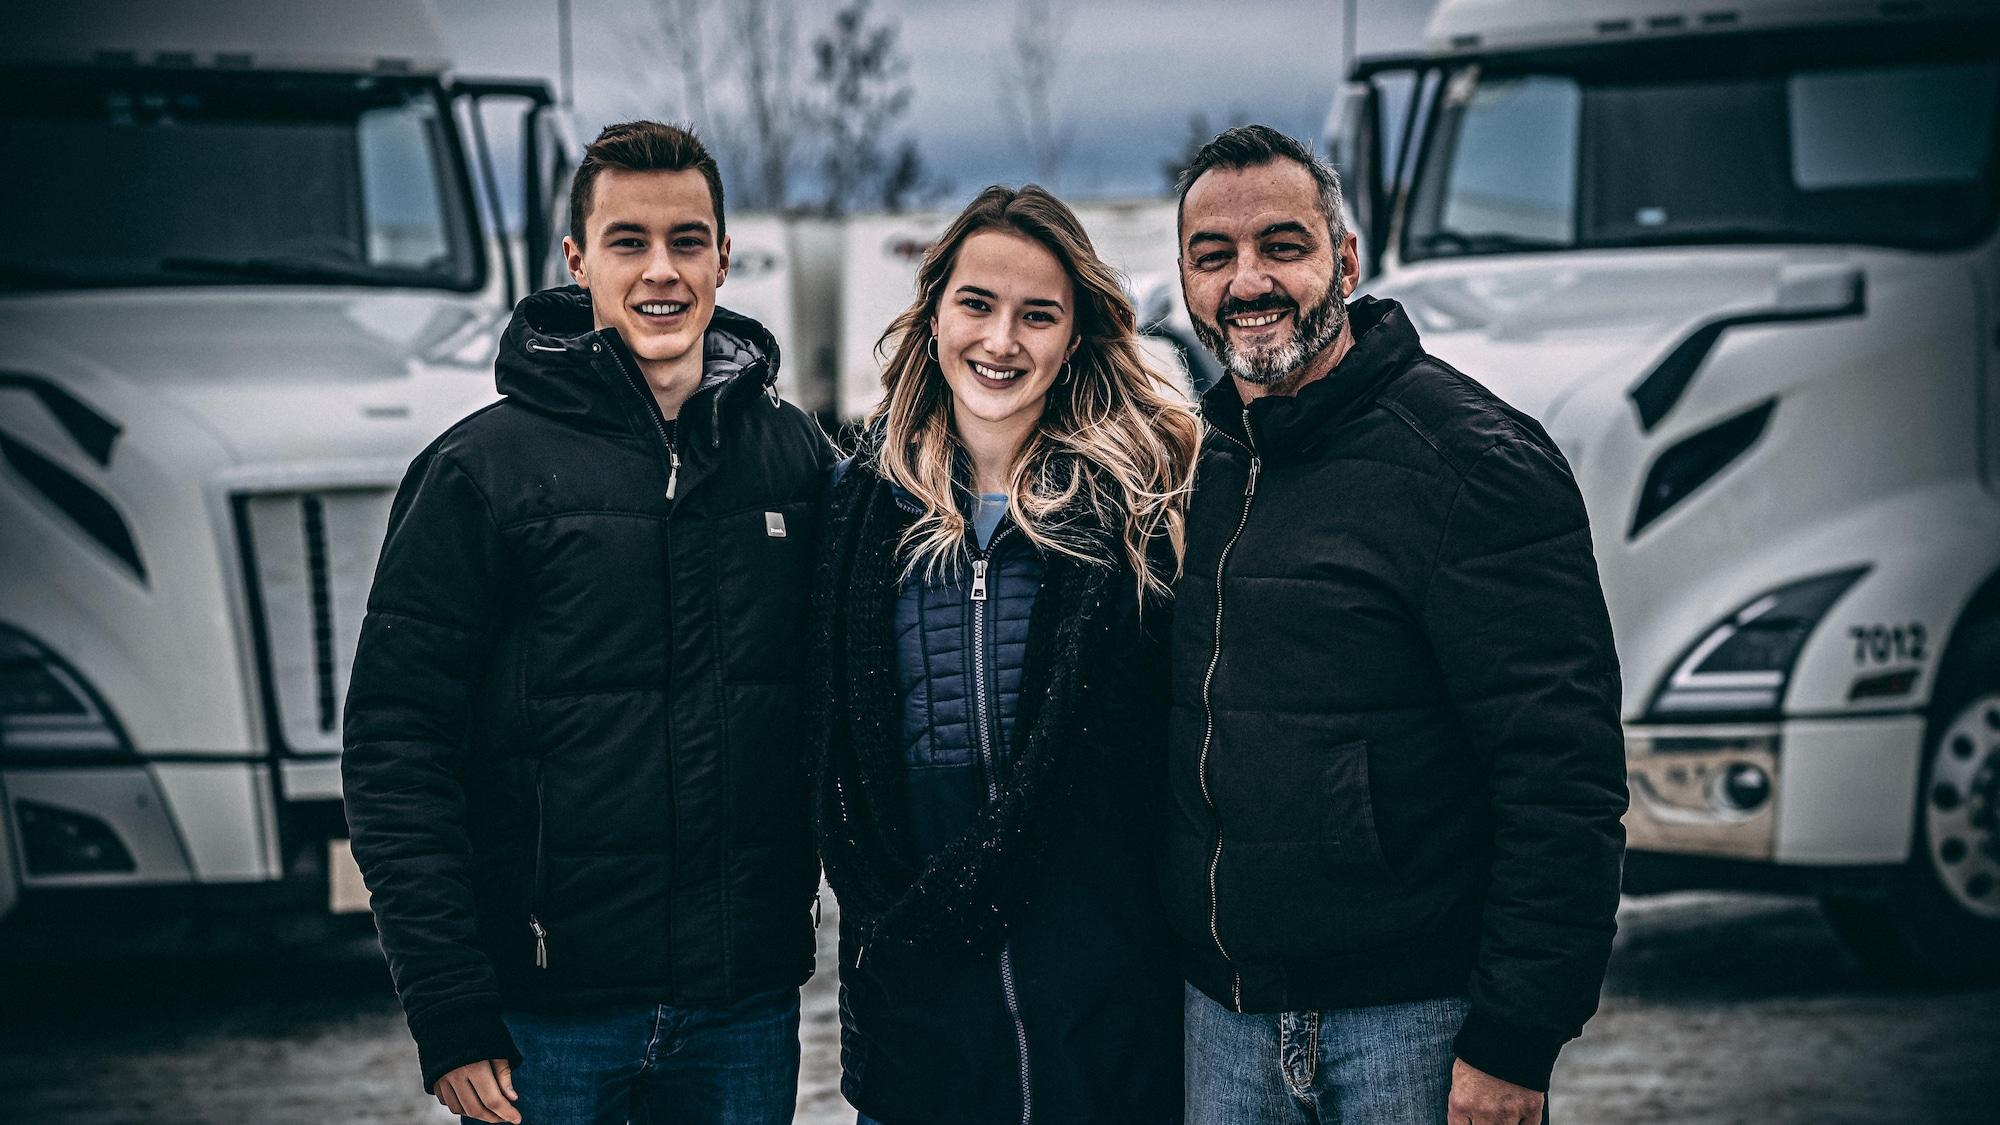 Raphaël Lessard, Coralie et Jesse Bélanger sourient et regardent la caméra.